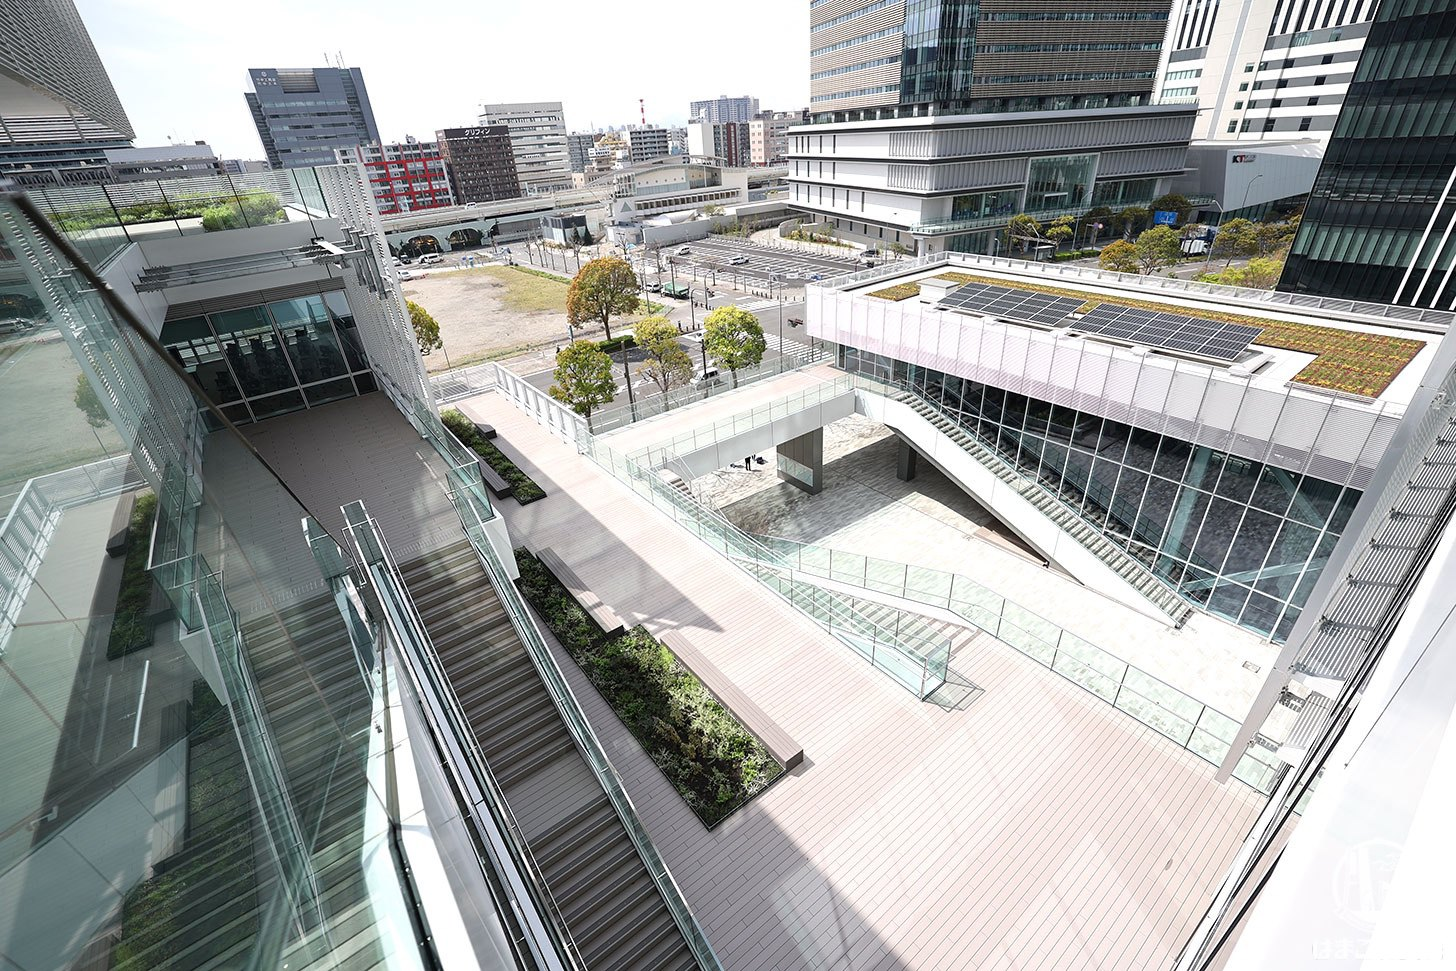 神奈川大学みなとみらいキャンパス テラスやブリッジ